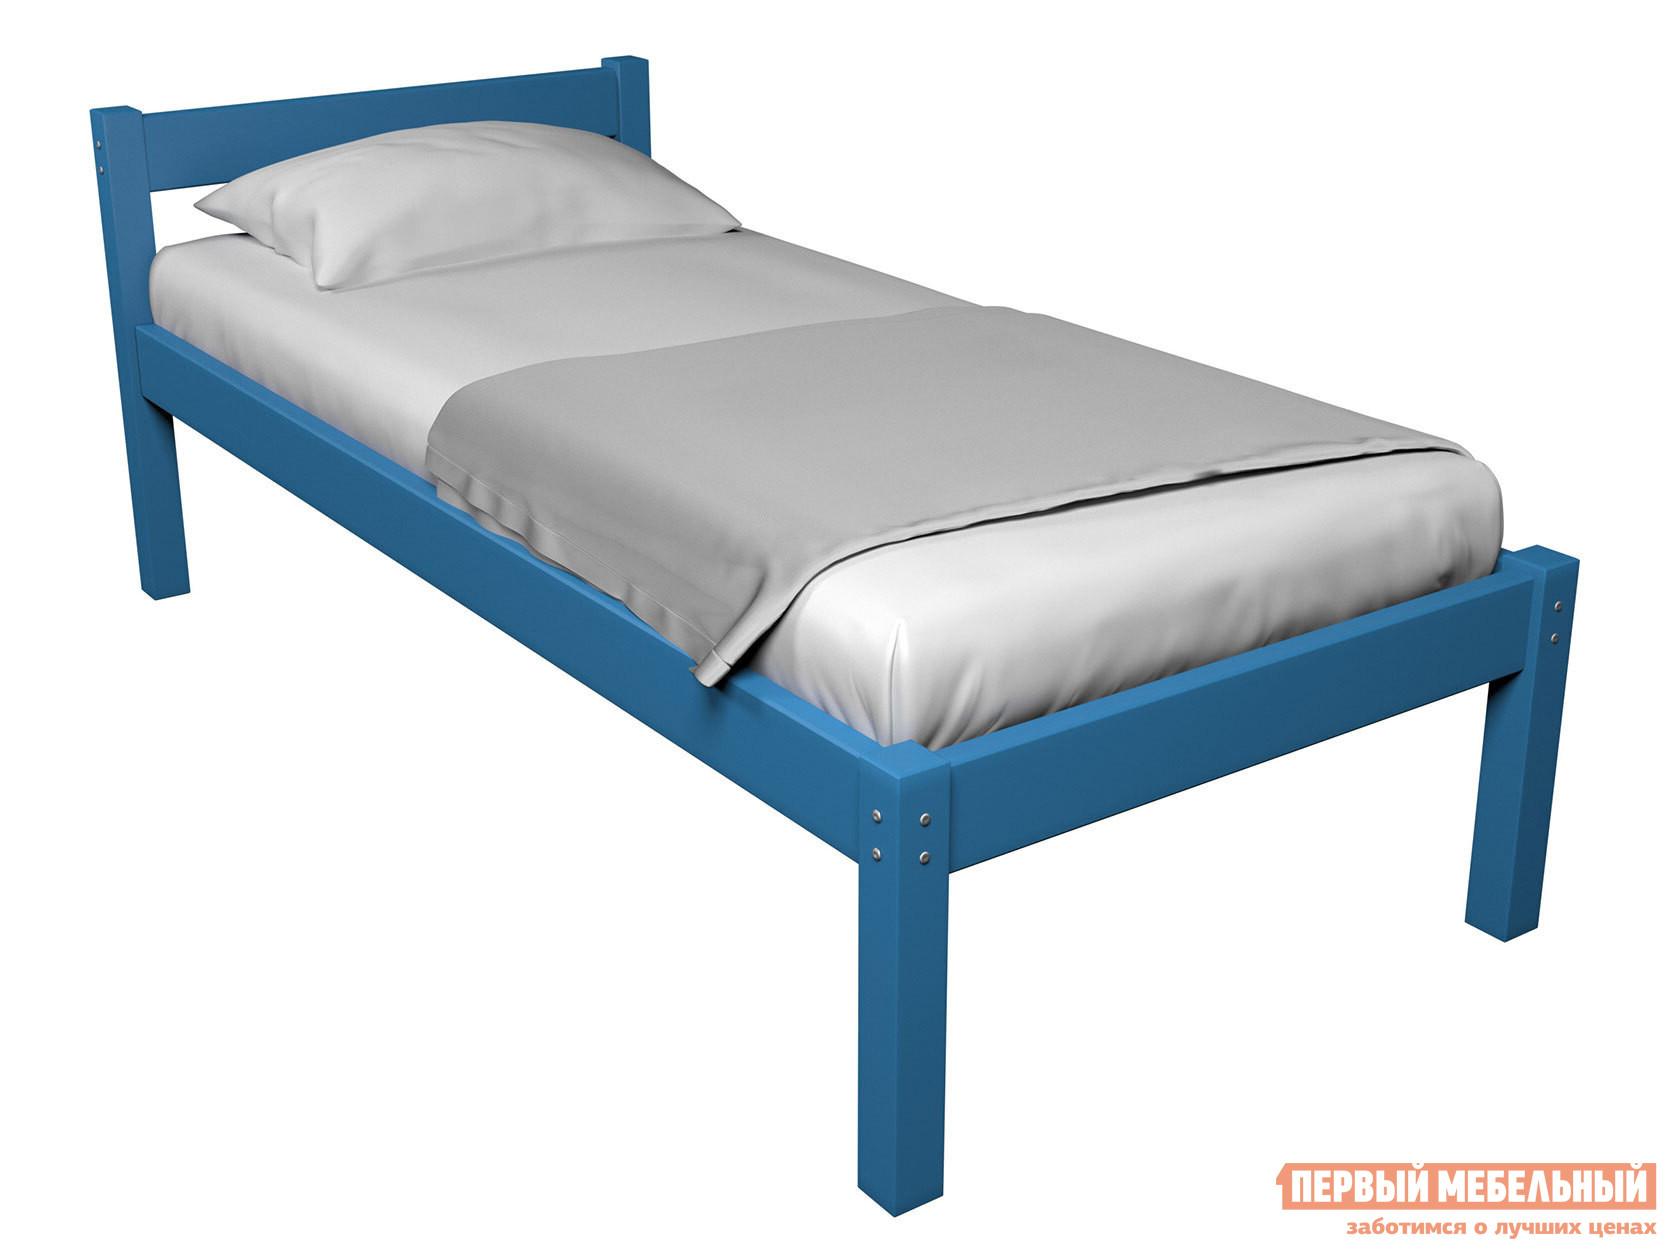 Детская кровать  Кровать Герда Голубой, 90х160 — Кровать Герда Голубой, 90х160